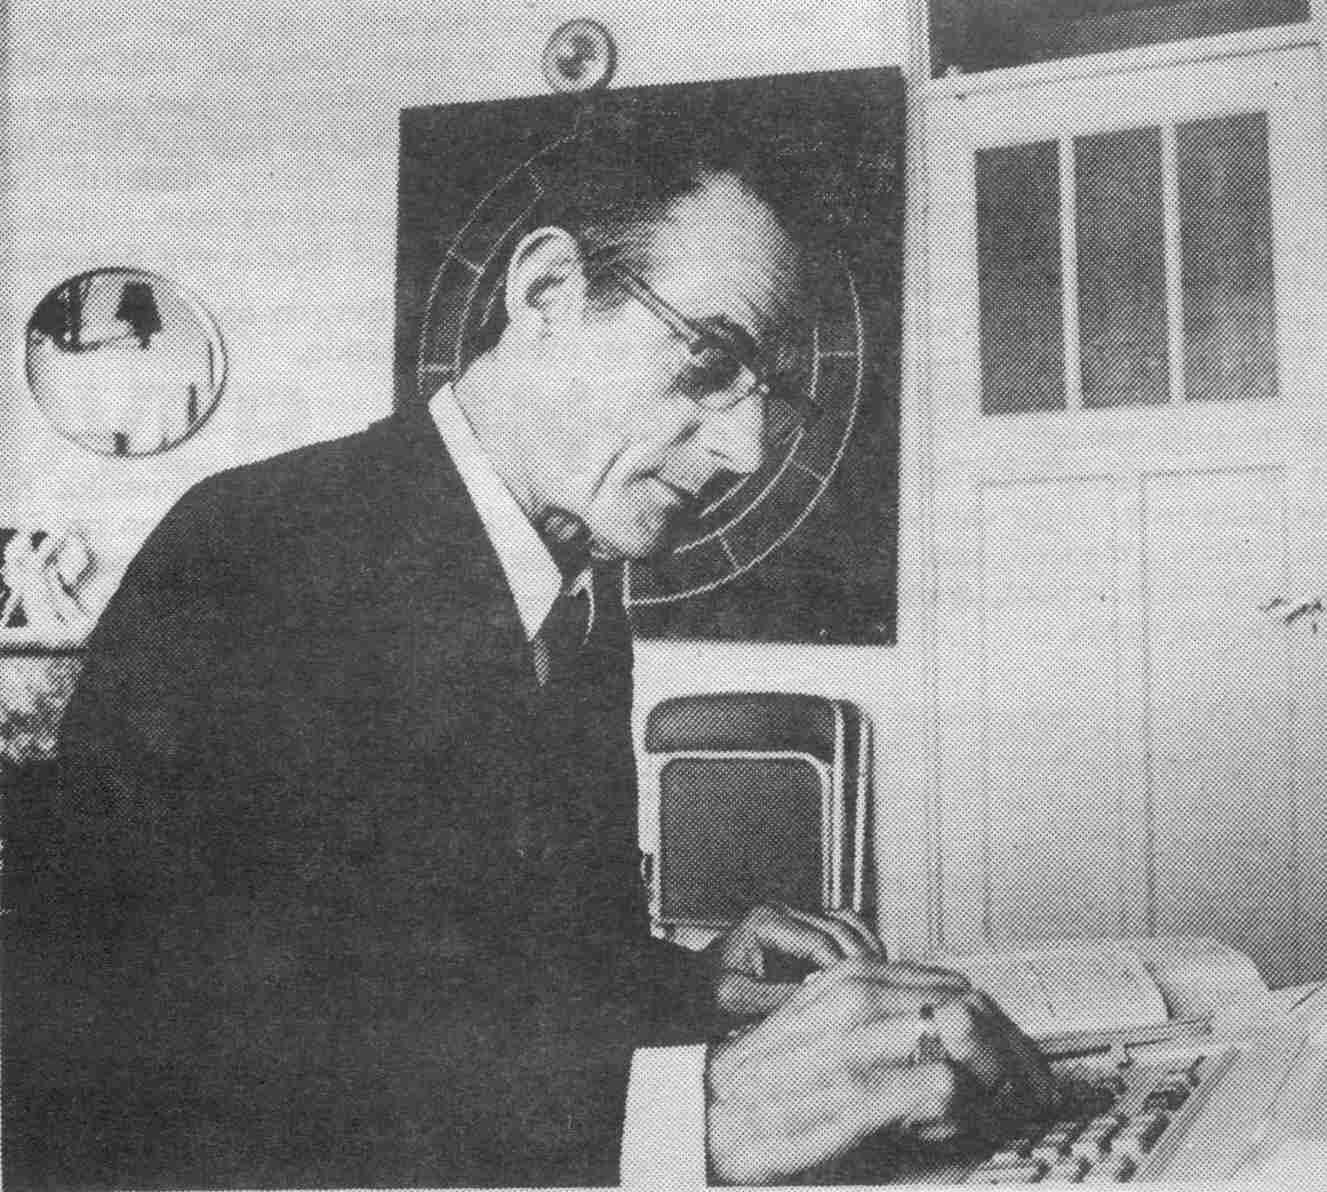 Het maken van de tekst werd vergemakkelijkt door de composer en de computer